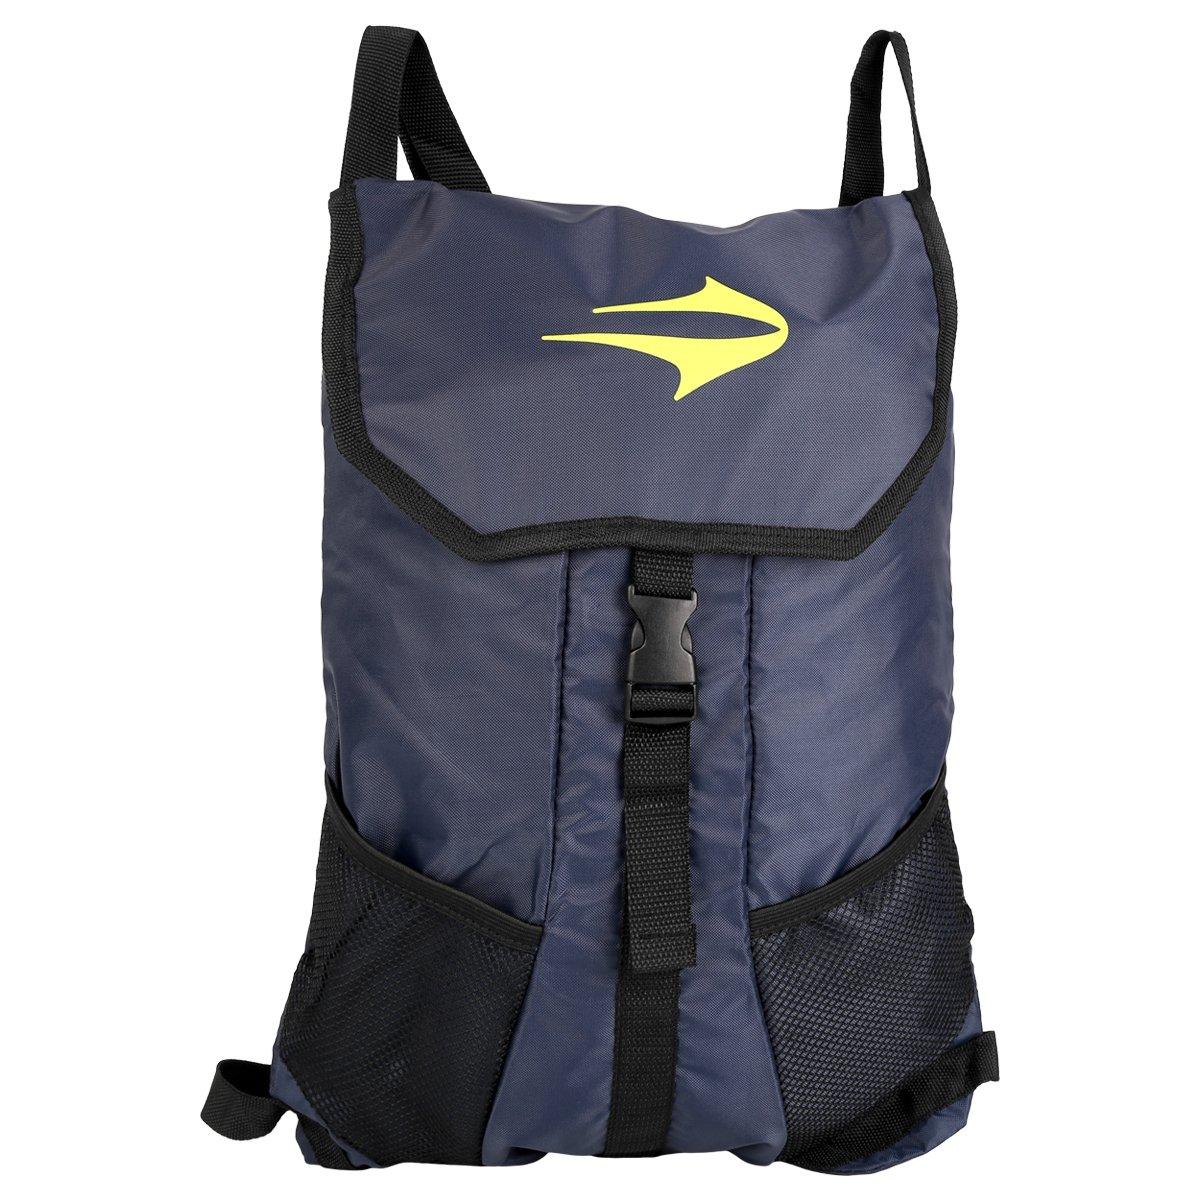 f51a88acc87c8 Sacola Topper Bag - Compre Agora